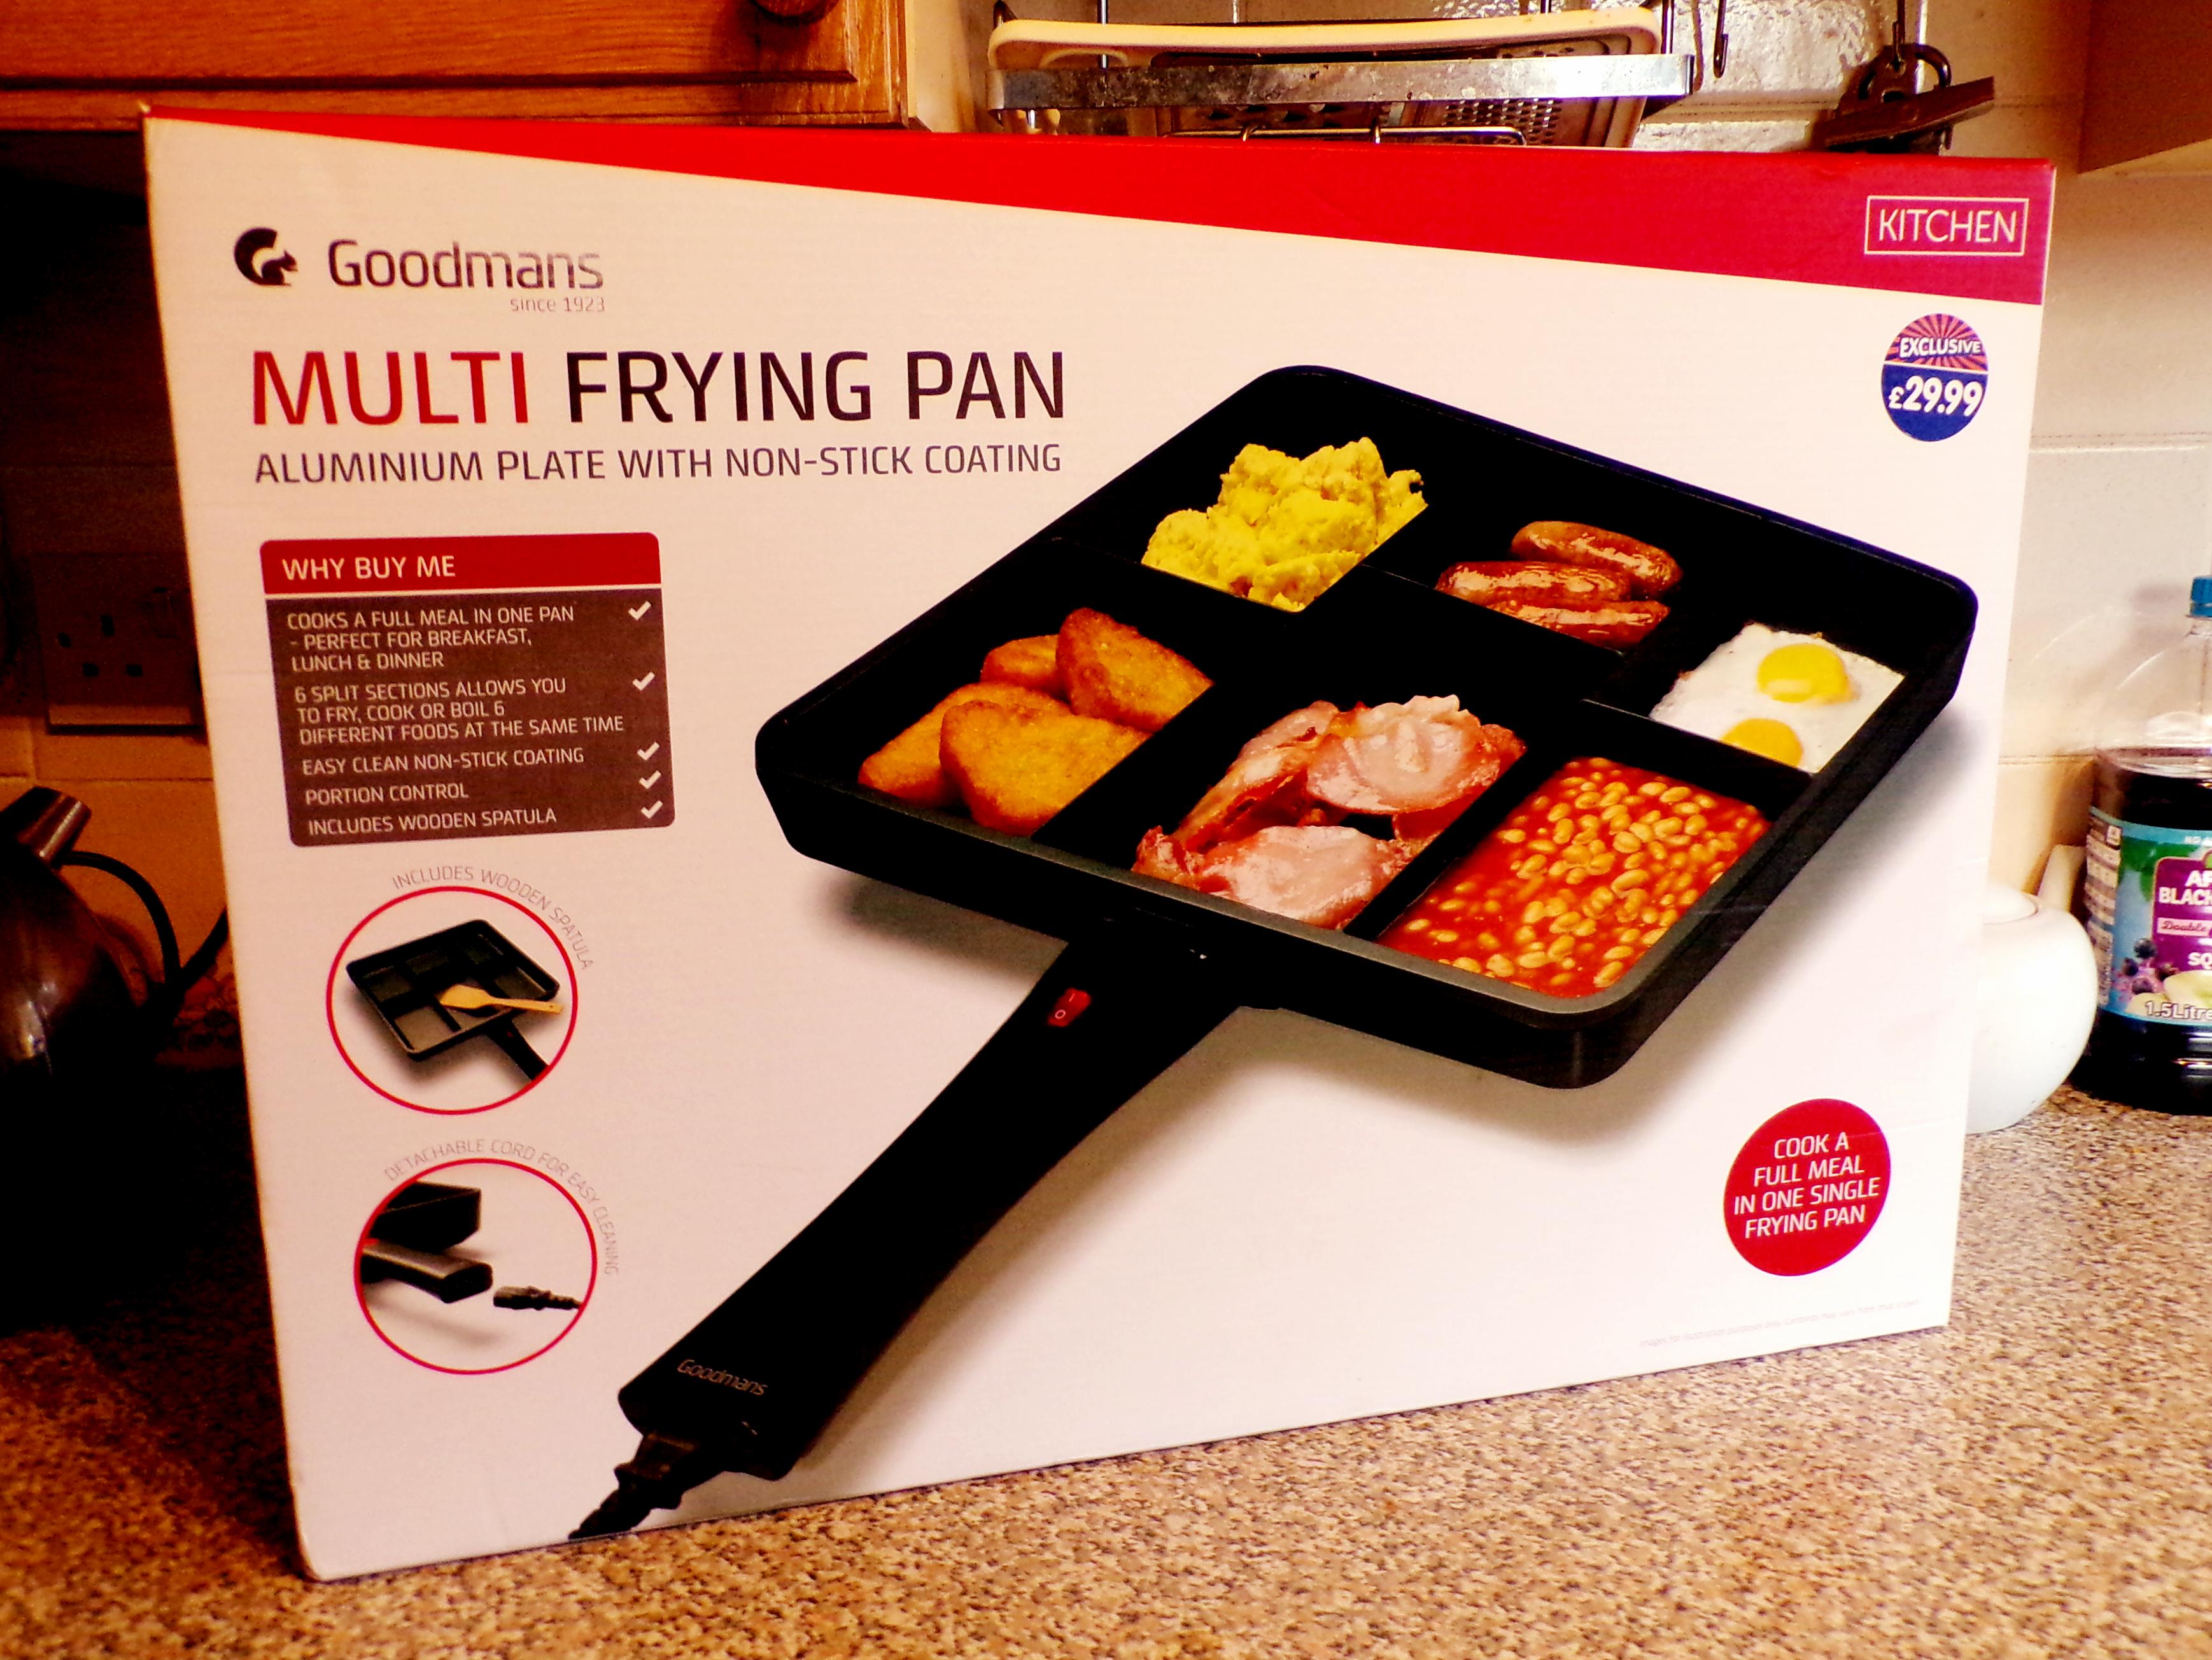 Goodmans Multi Frying Pan